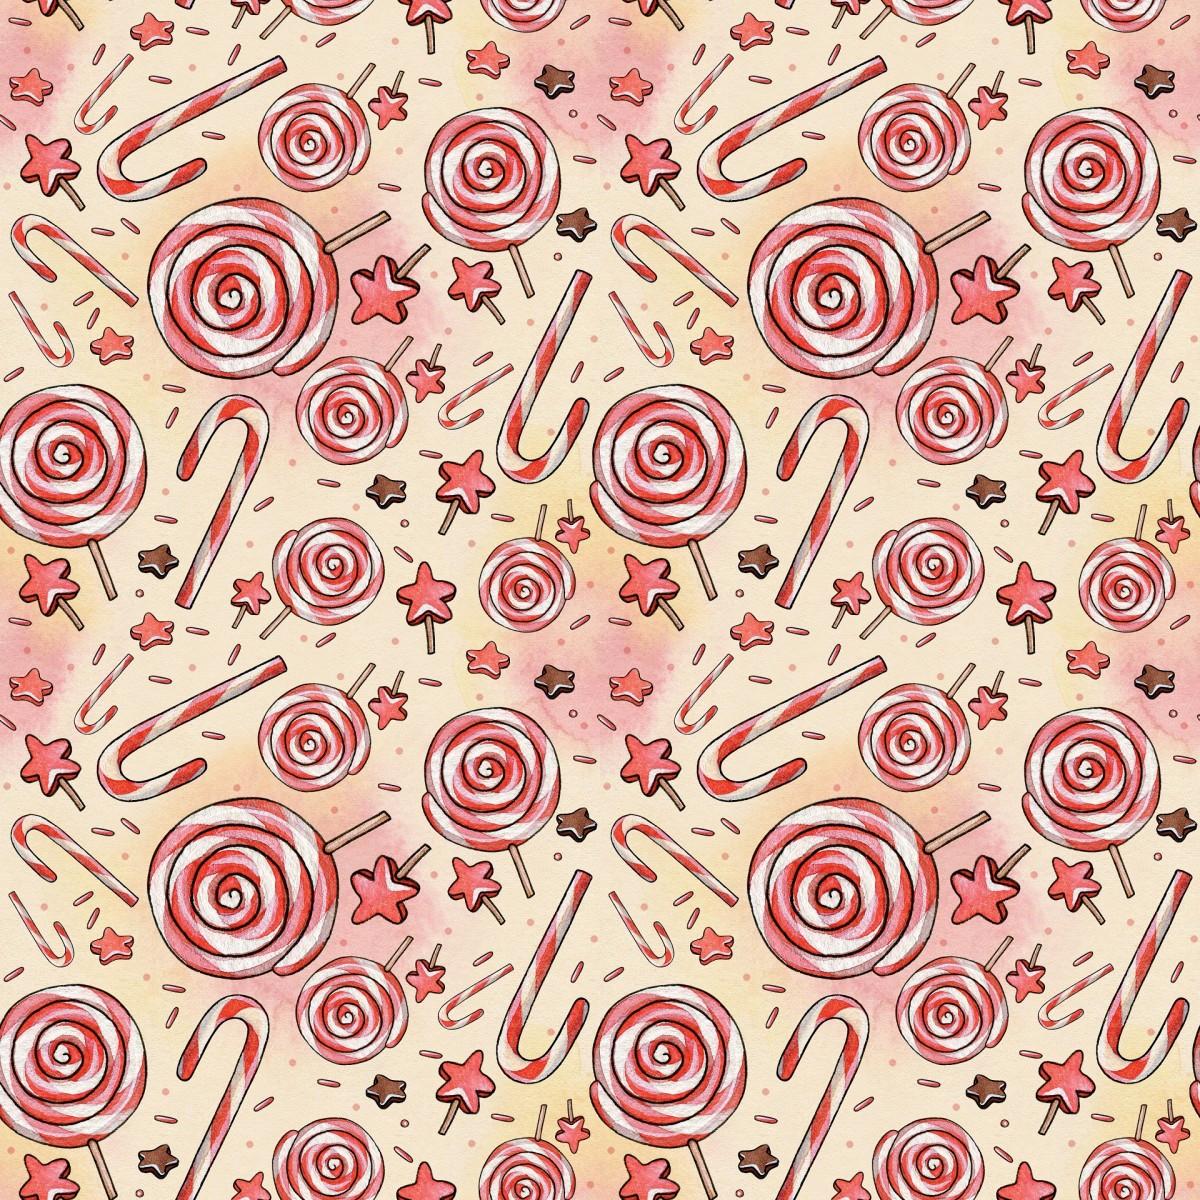 O quebra-cabeça Recolher o quebra-cabeças on-line - Pink caramel